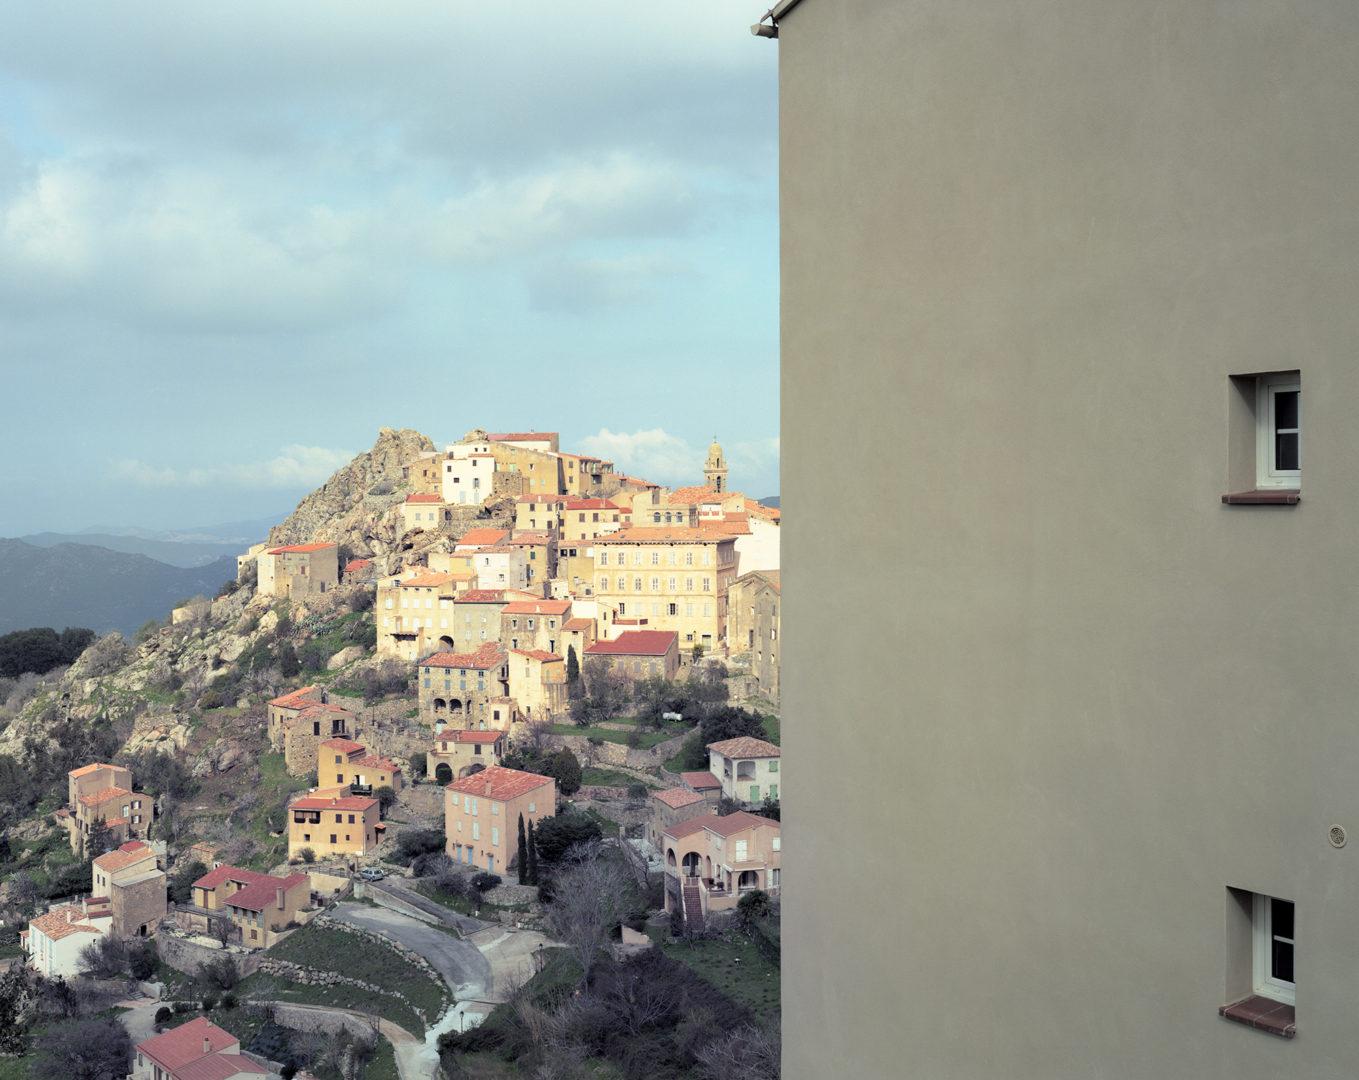 Paesaggi Rurbani (no, non è un errore). Ce li racconta Filippo Brancoli Pantera in mostra a Lucca